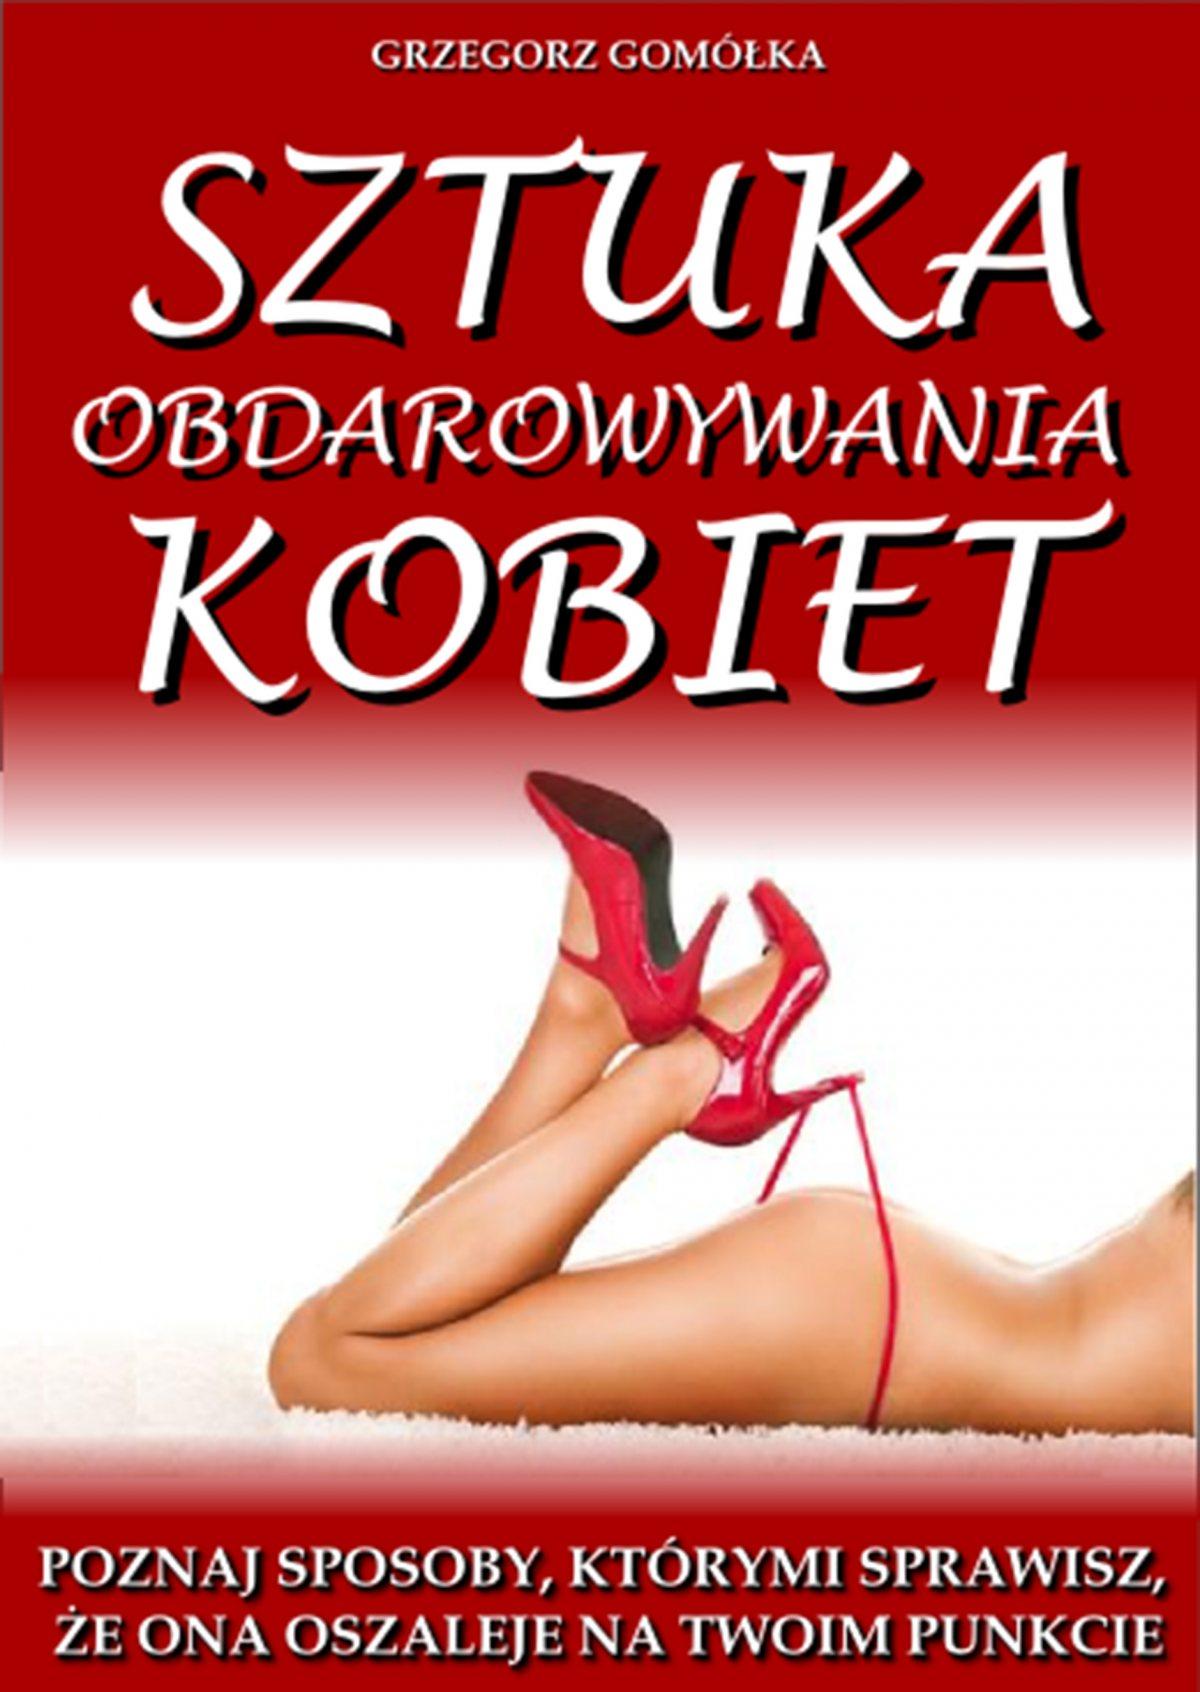 Sztuka obdarowywania kobiet - Ebook (Książka EPUB) do pobrania w formacie EPUB